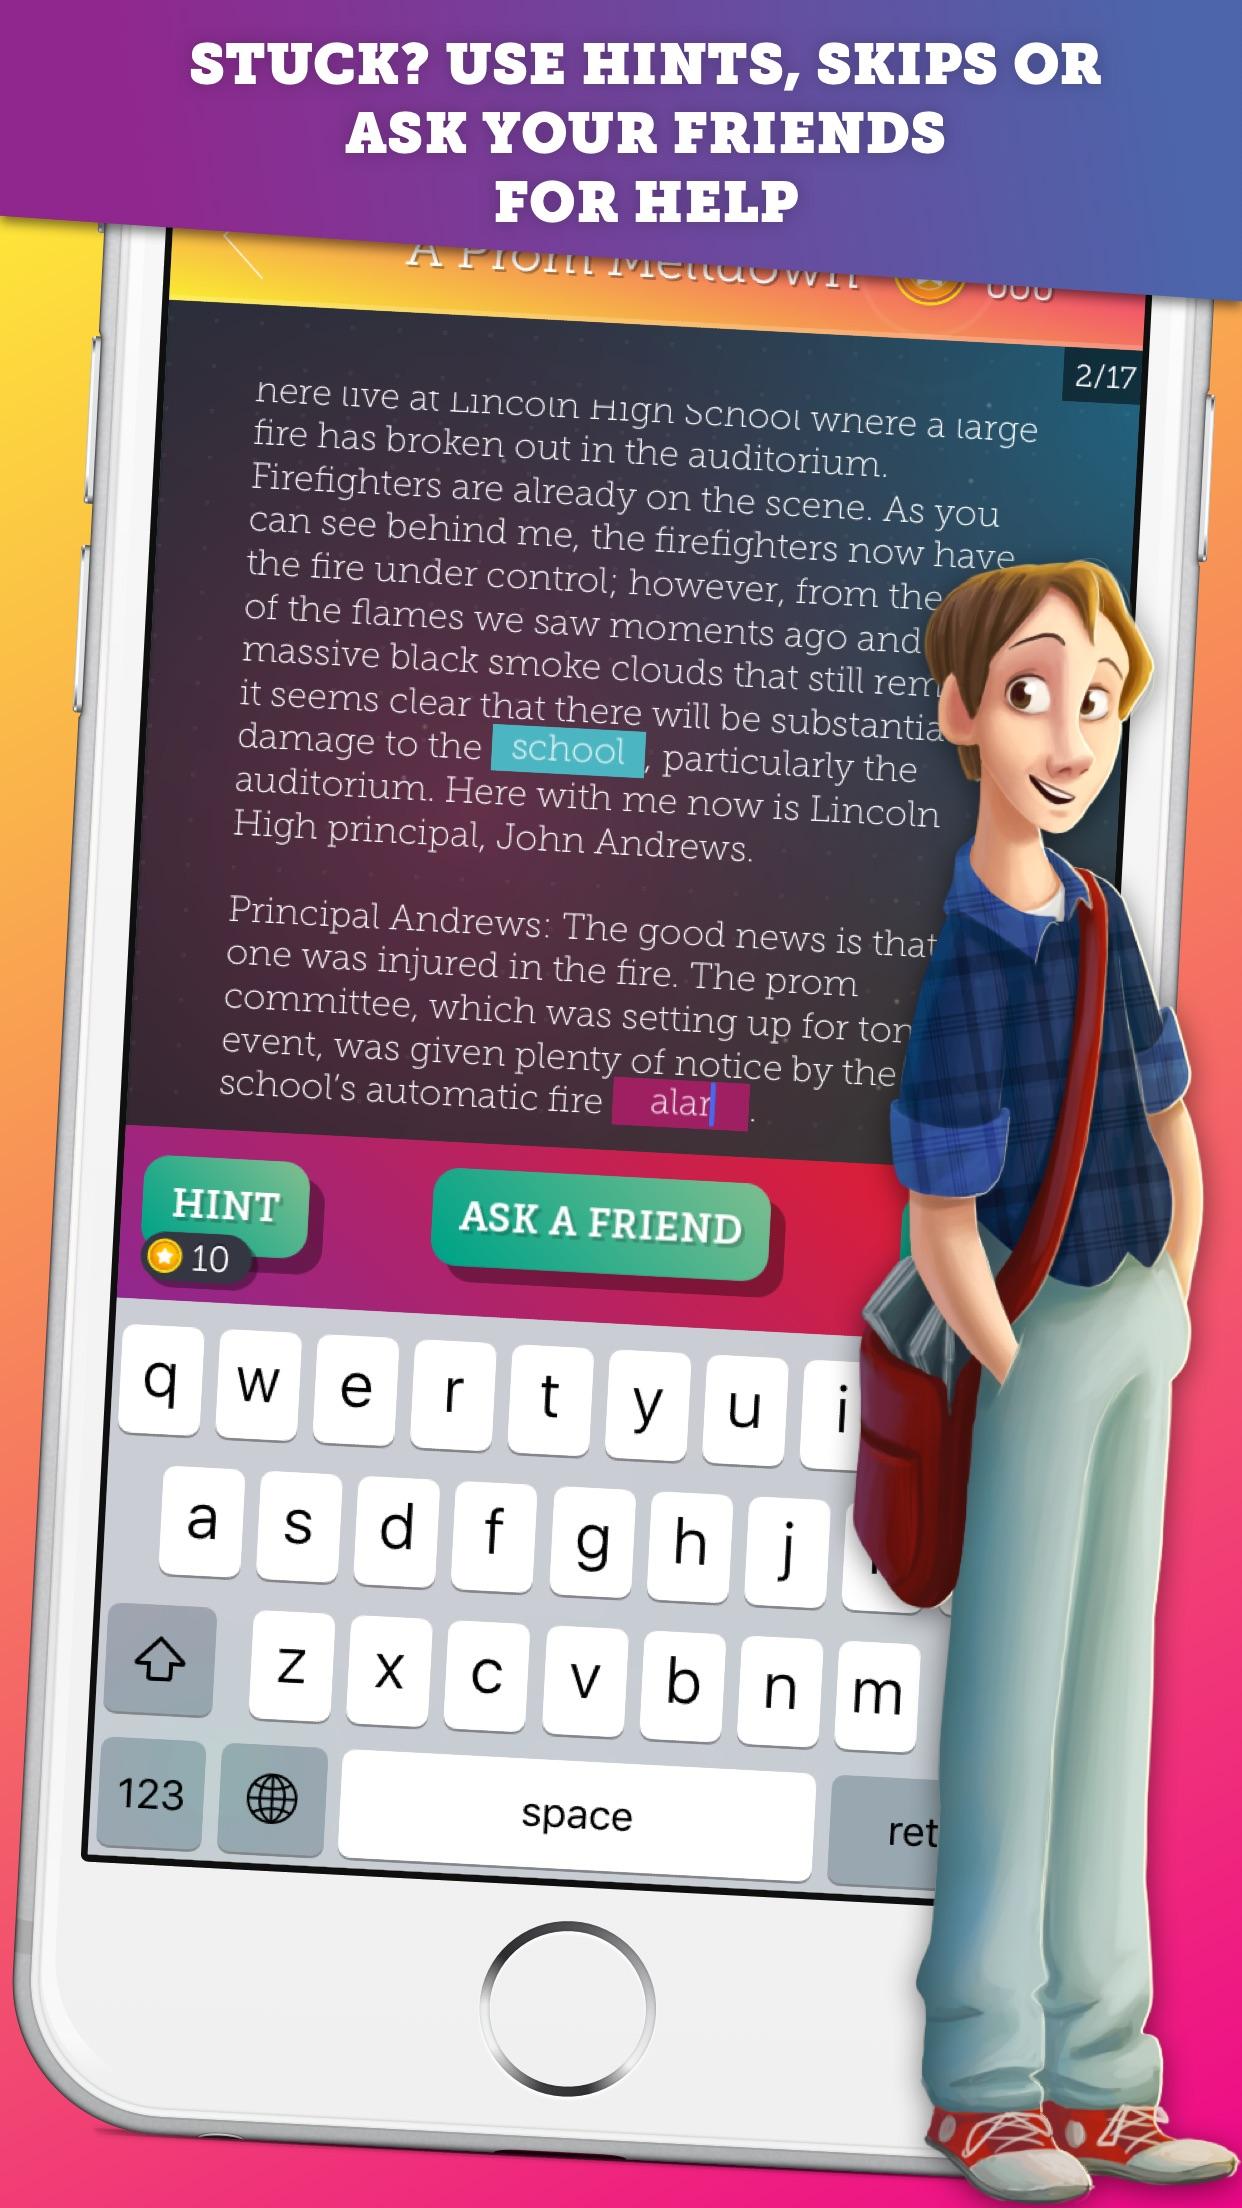 Love Story High School - A Mean Girls vs Teen Superstar Dating Adventure Game Screenshot